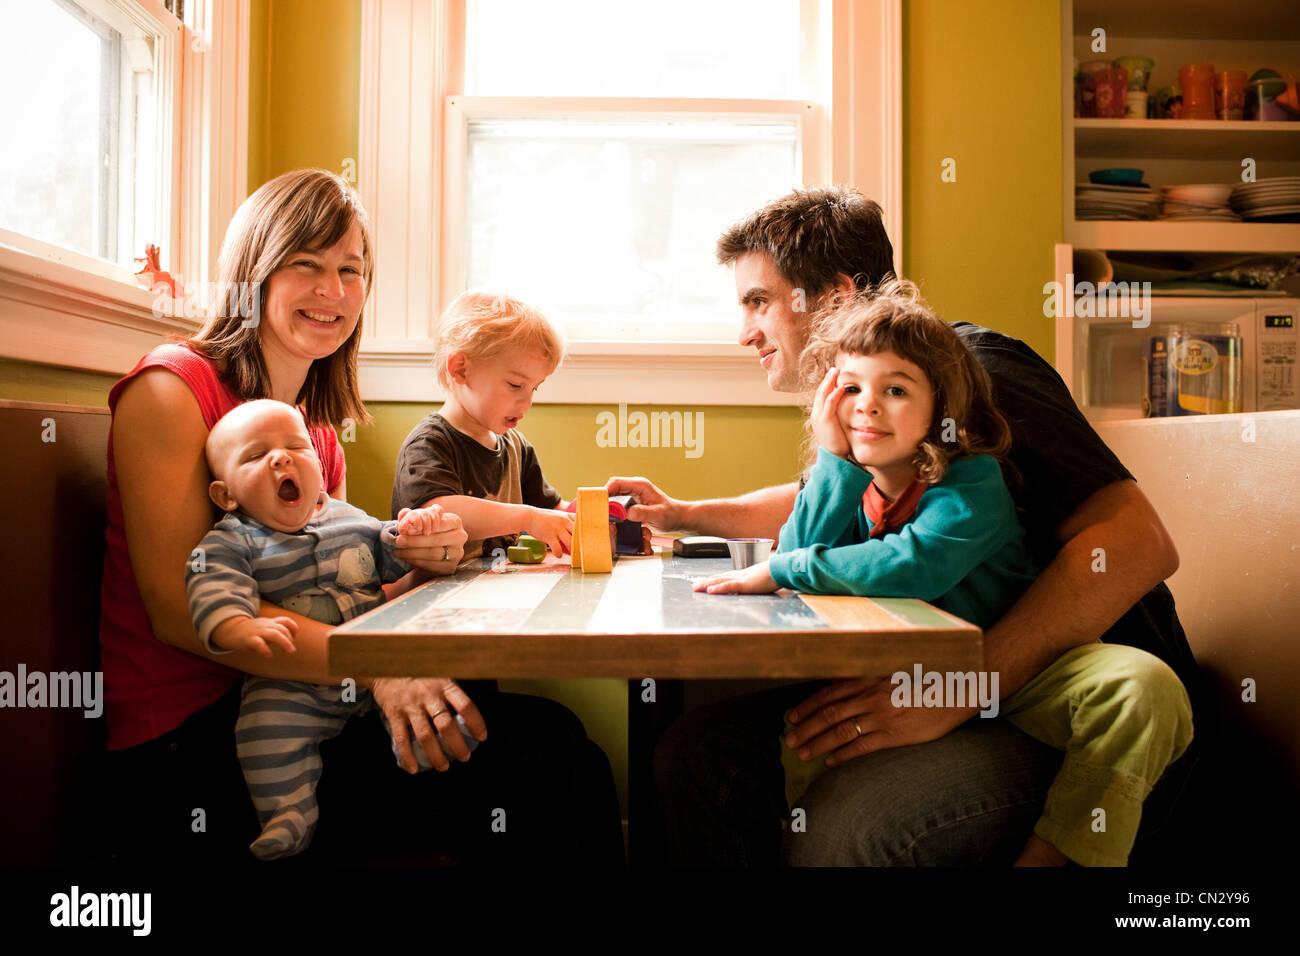 Famille assis à table de cuisine Photo Stock